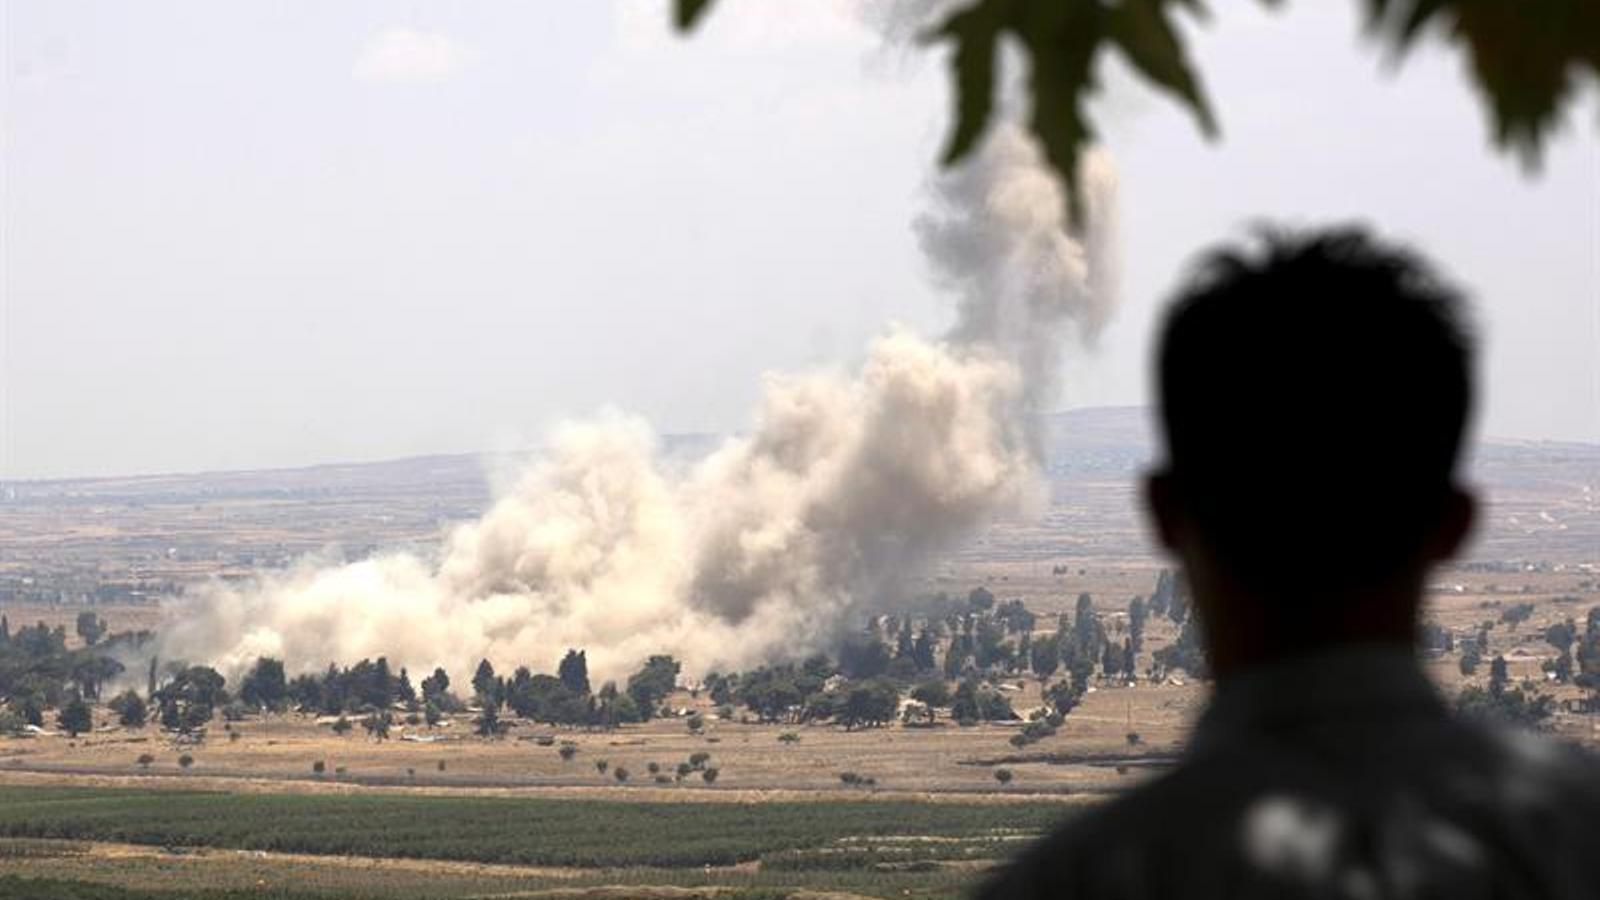 Un home observant la destrucció controlada dels dipòsits de munició dels rebels a la ciutat de Quneitra abans d'agafar l'autobús cap els Alts del Golan